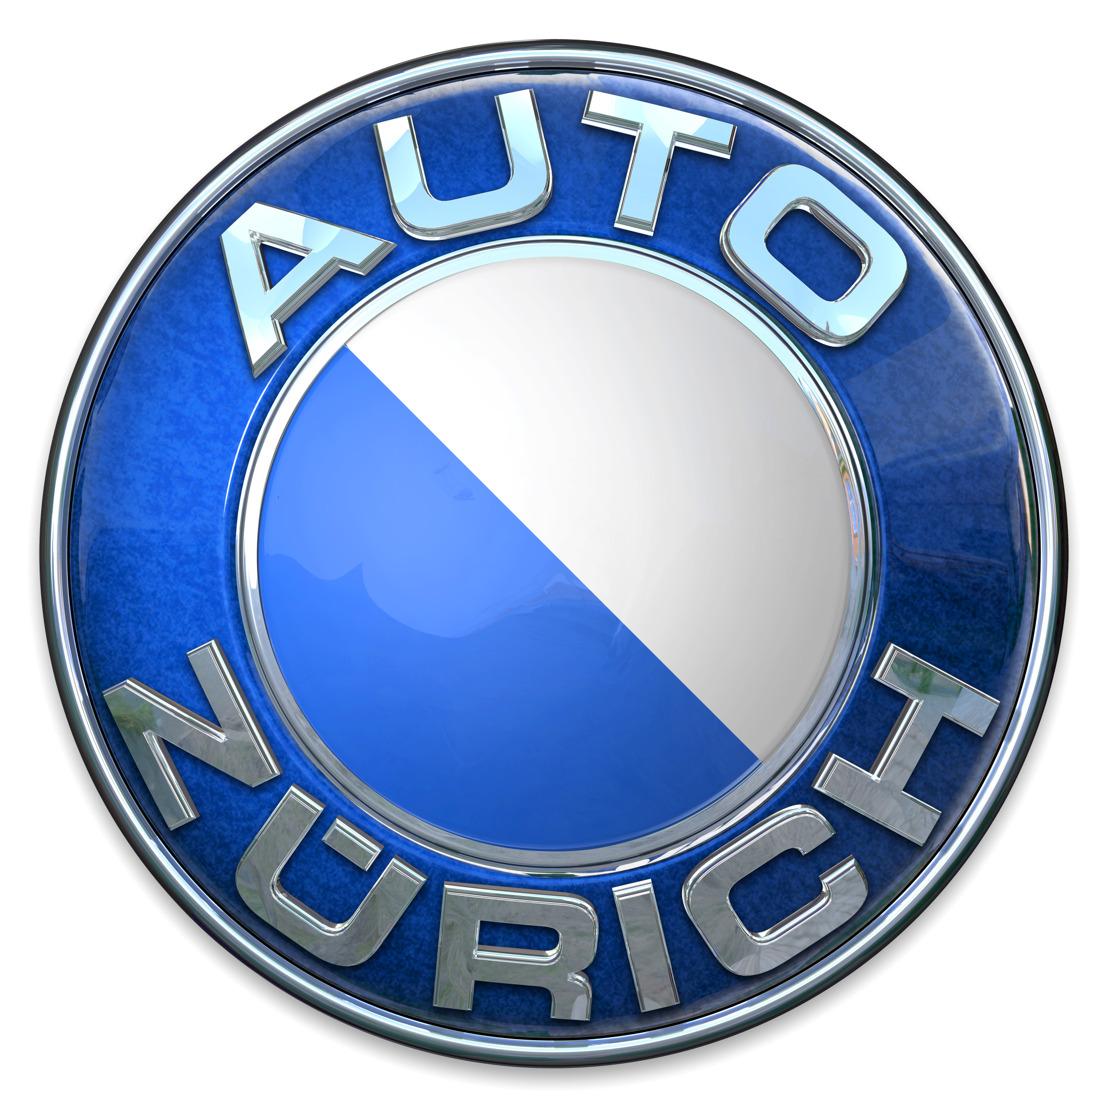 Hyundai sera présente à Auto Zürich Car Show 2017 avec d'exclusifs essais sur route et trois premières suisses